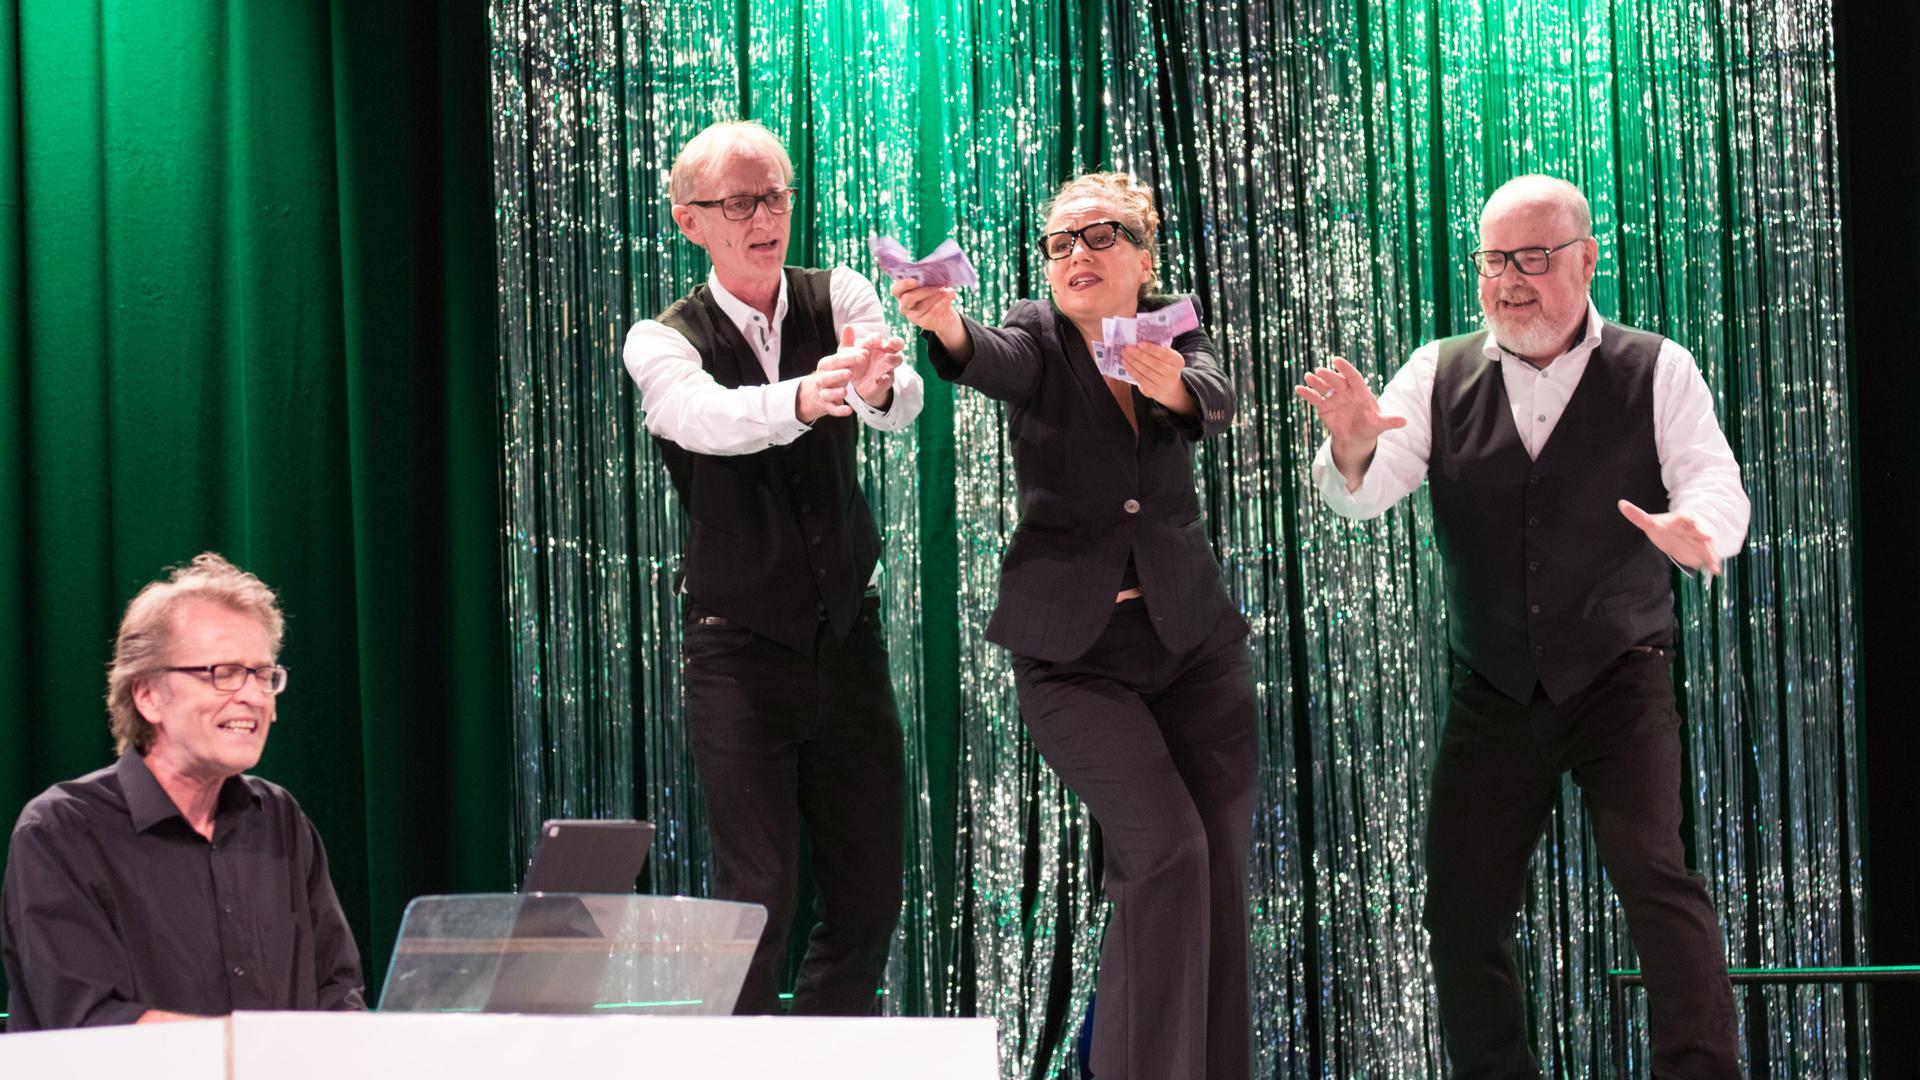 """Immer noch aktuell: Kabarett-Duo Rastetter & Wacker singt gemeinsam mit Sängerin Patricia Keßler und Pianist Michael Postweiler den beliebten Cabaret-Song """"Money makes the world go round"""" von 1972 über die Vorzüge und Laster des Geldes."""